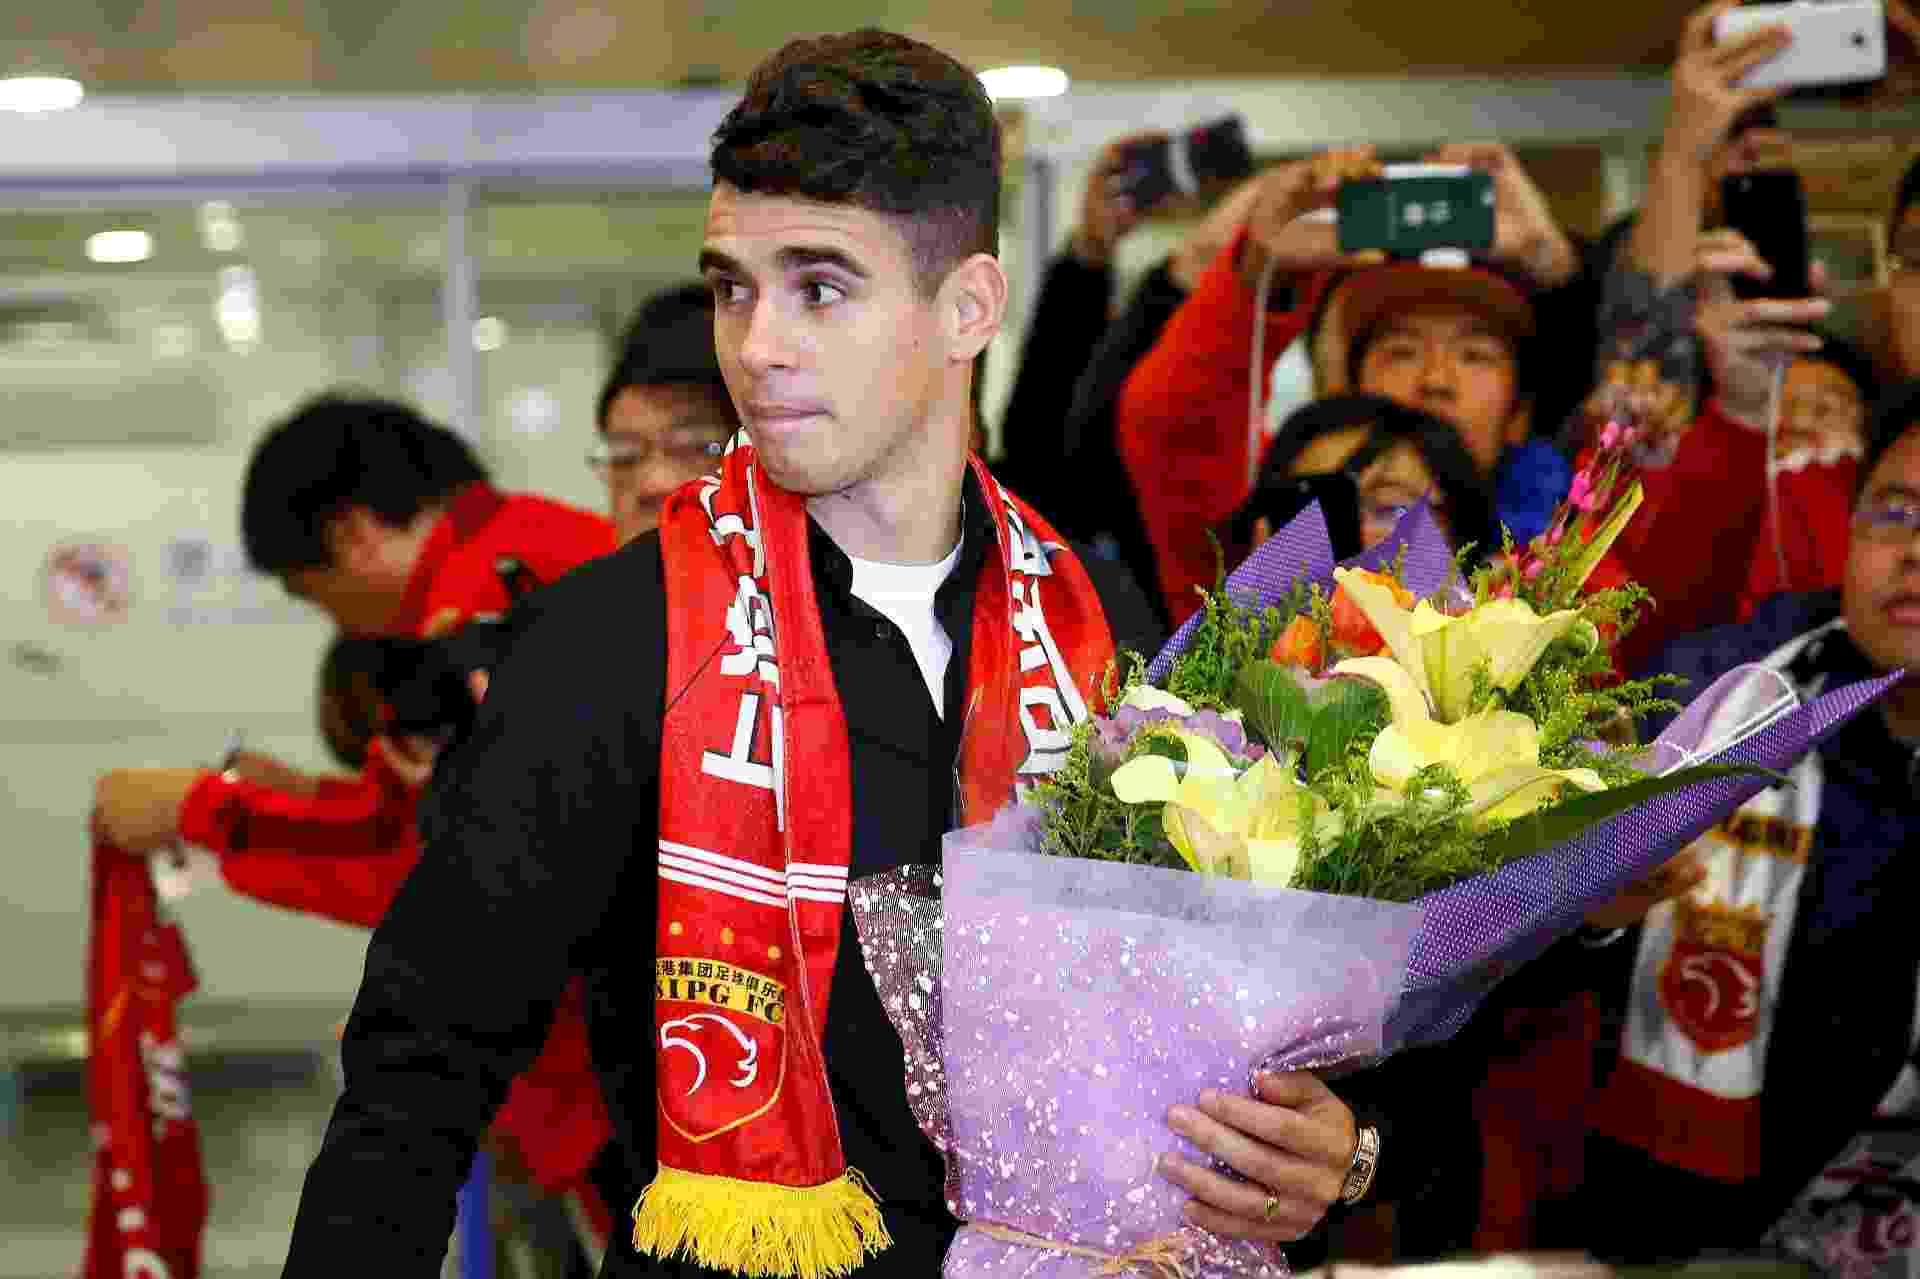 Oscar é recebido com festa por torcedores do Shanghai SIPG - REUTERS/Aly Song